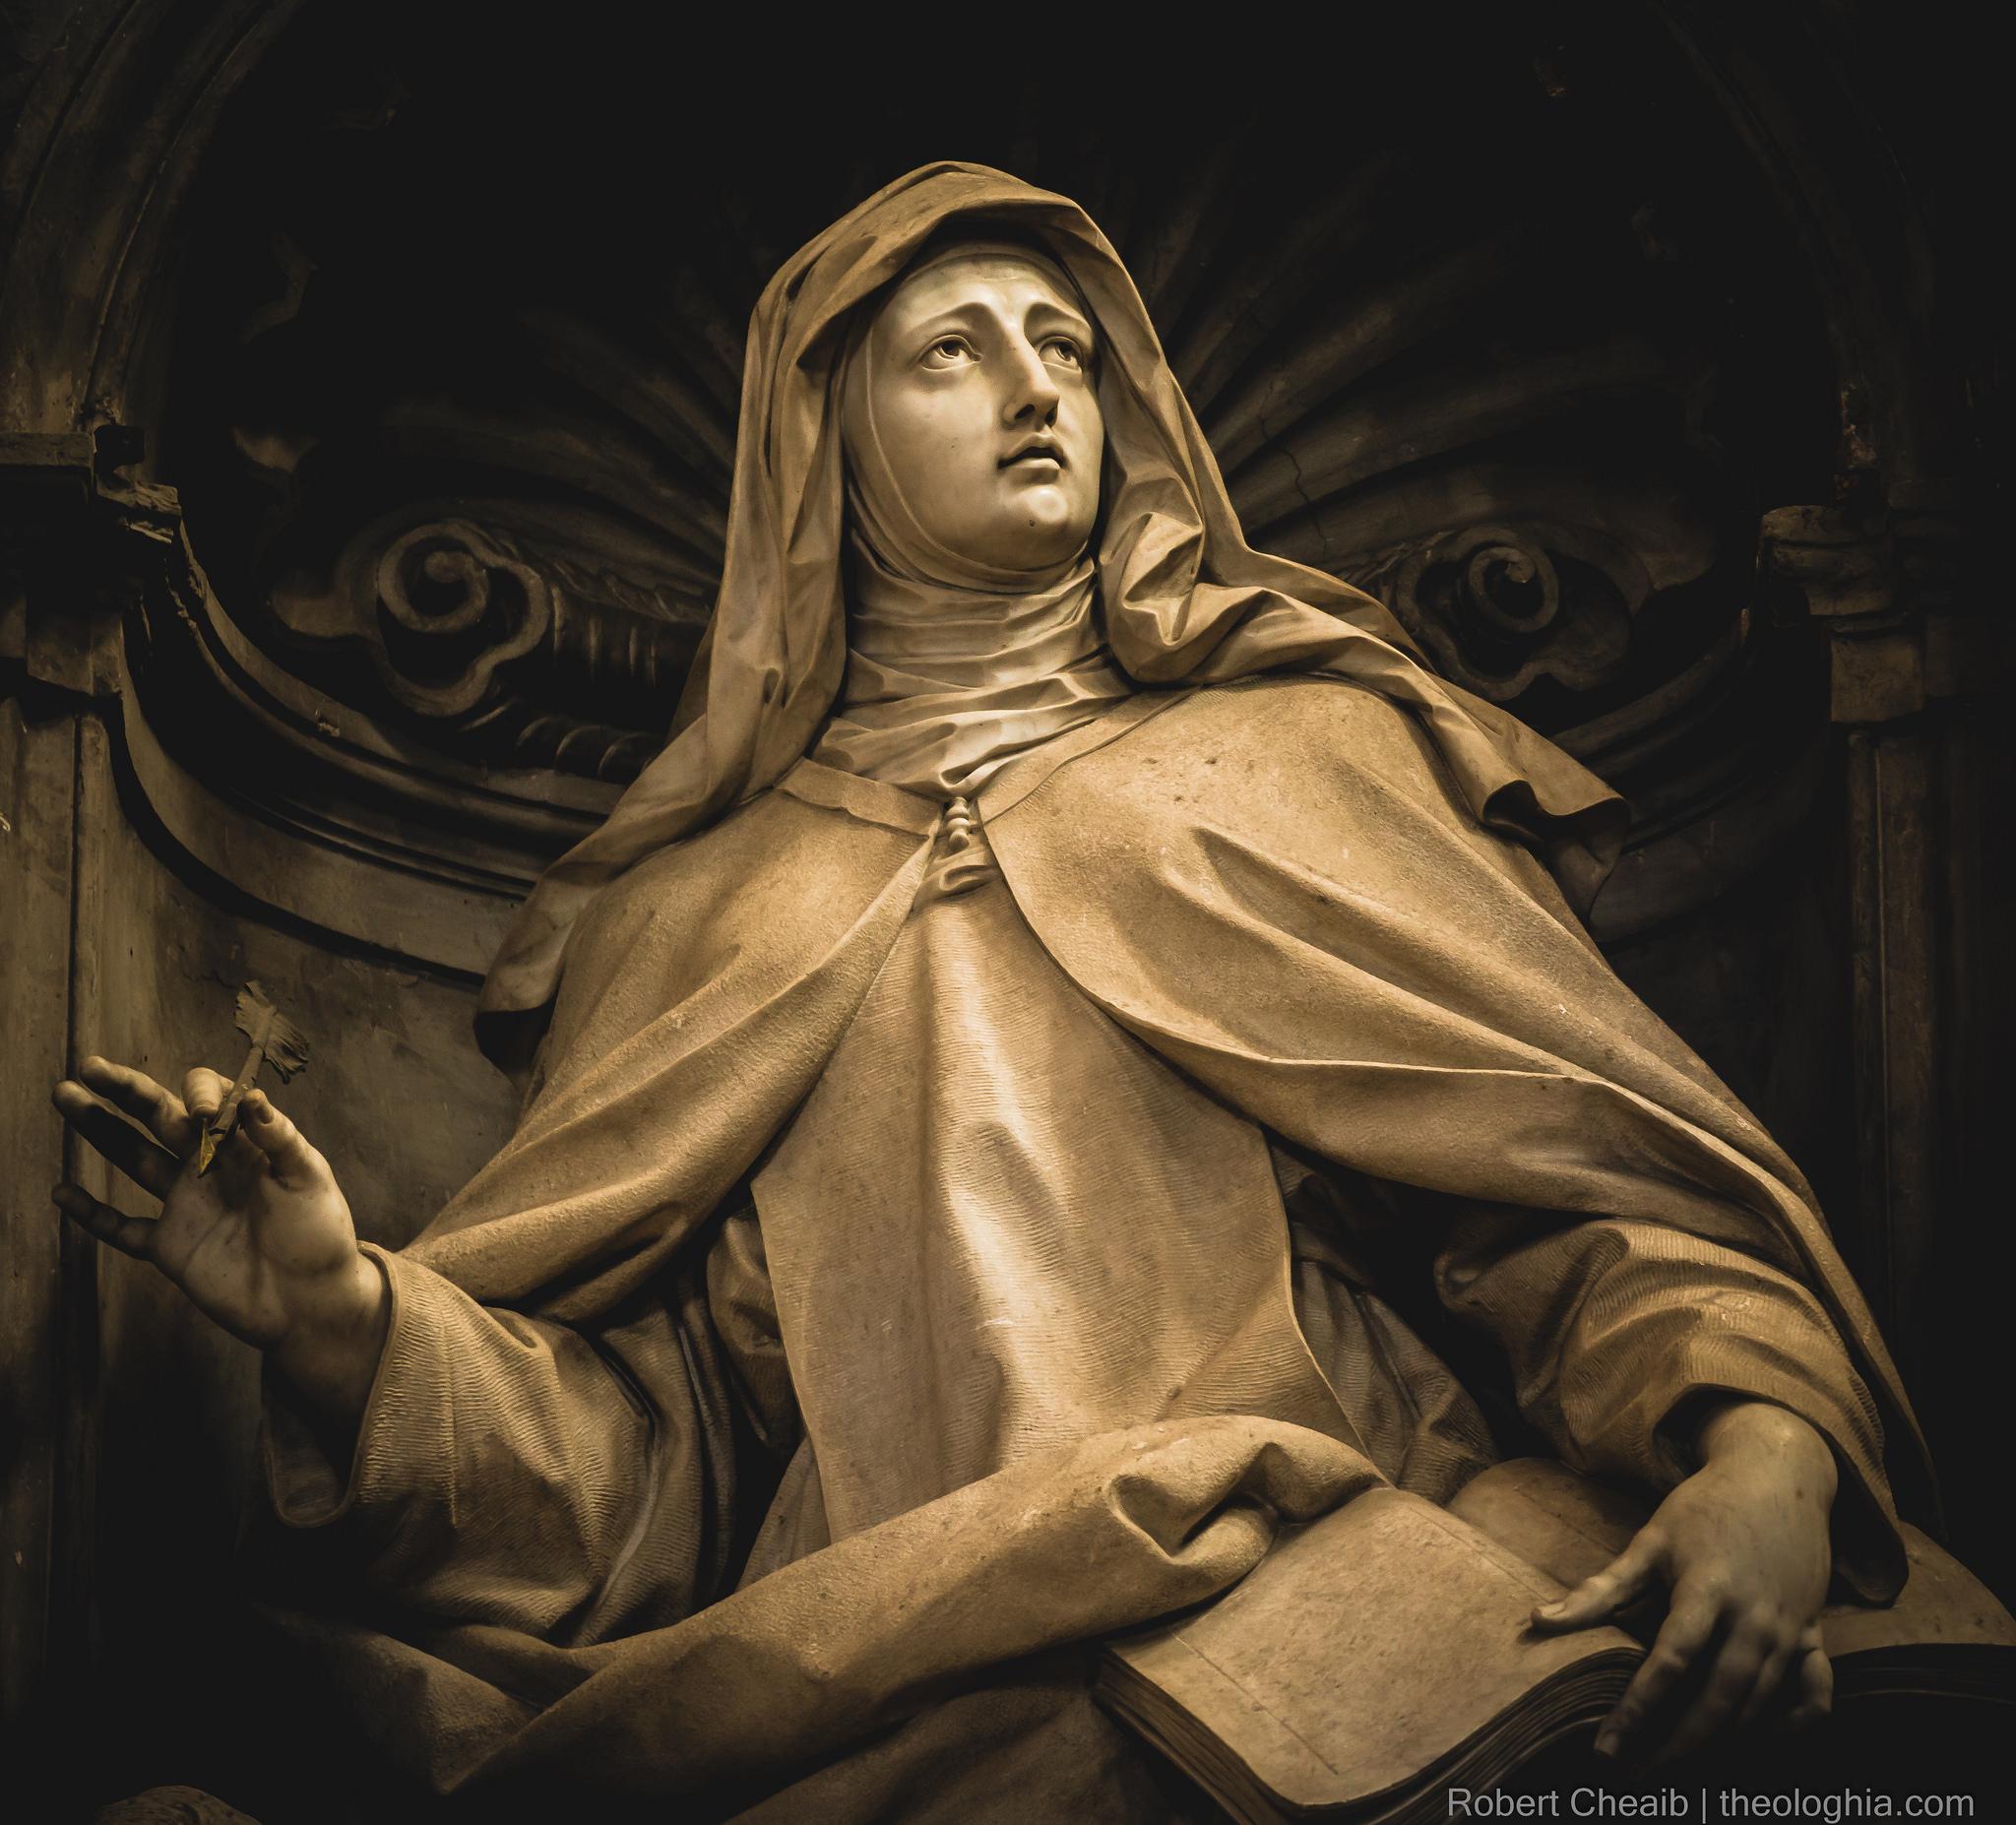 Saint Teresa de Jesus / of Avila - Statue from the Basilica of Saint Peter's in the Vatican